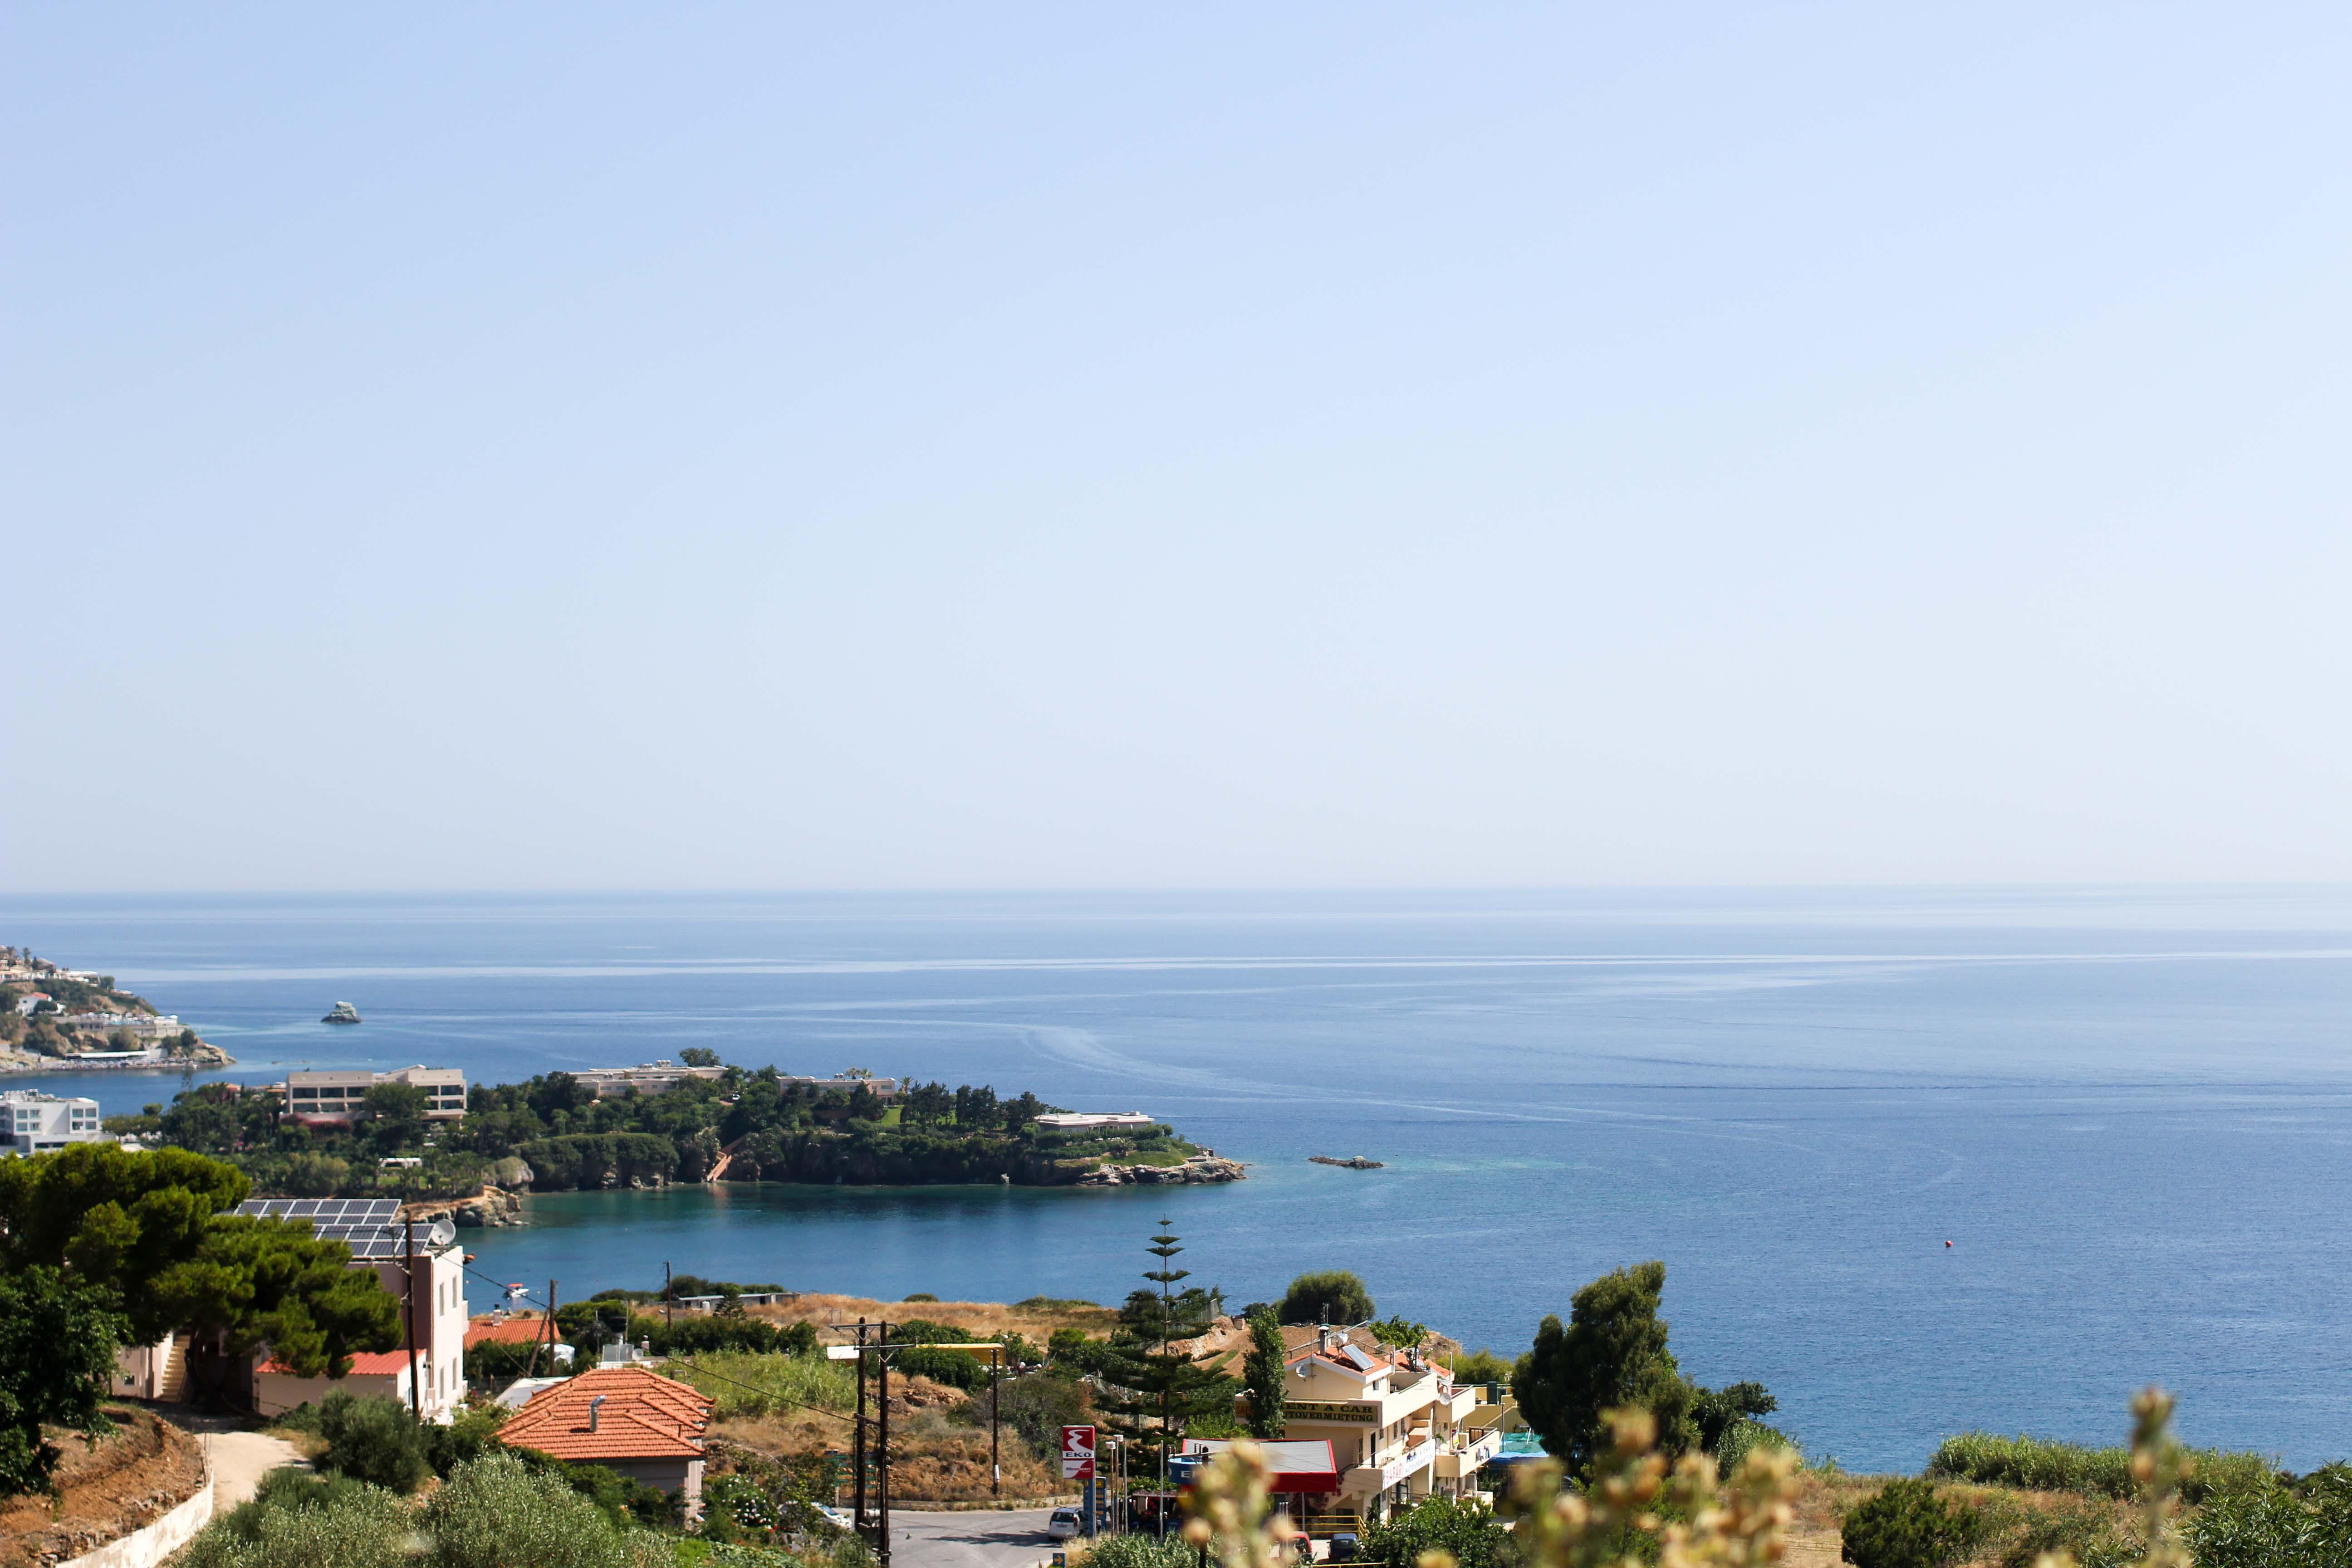 Top Kreta Sightseeing Kreta Sehenswürdigkeiten für einen Tagesausflug Meer Klippe Ausflug Mietwagen Reiseblog